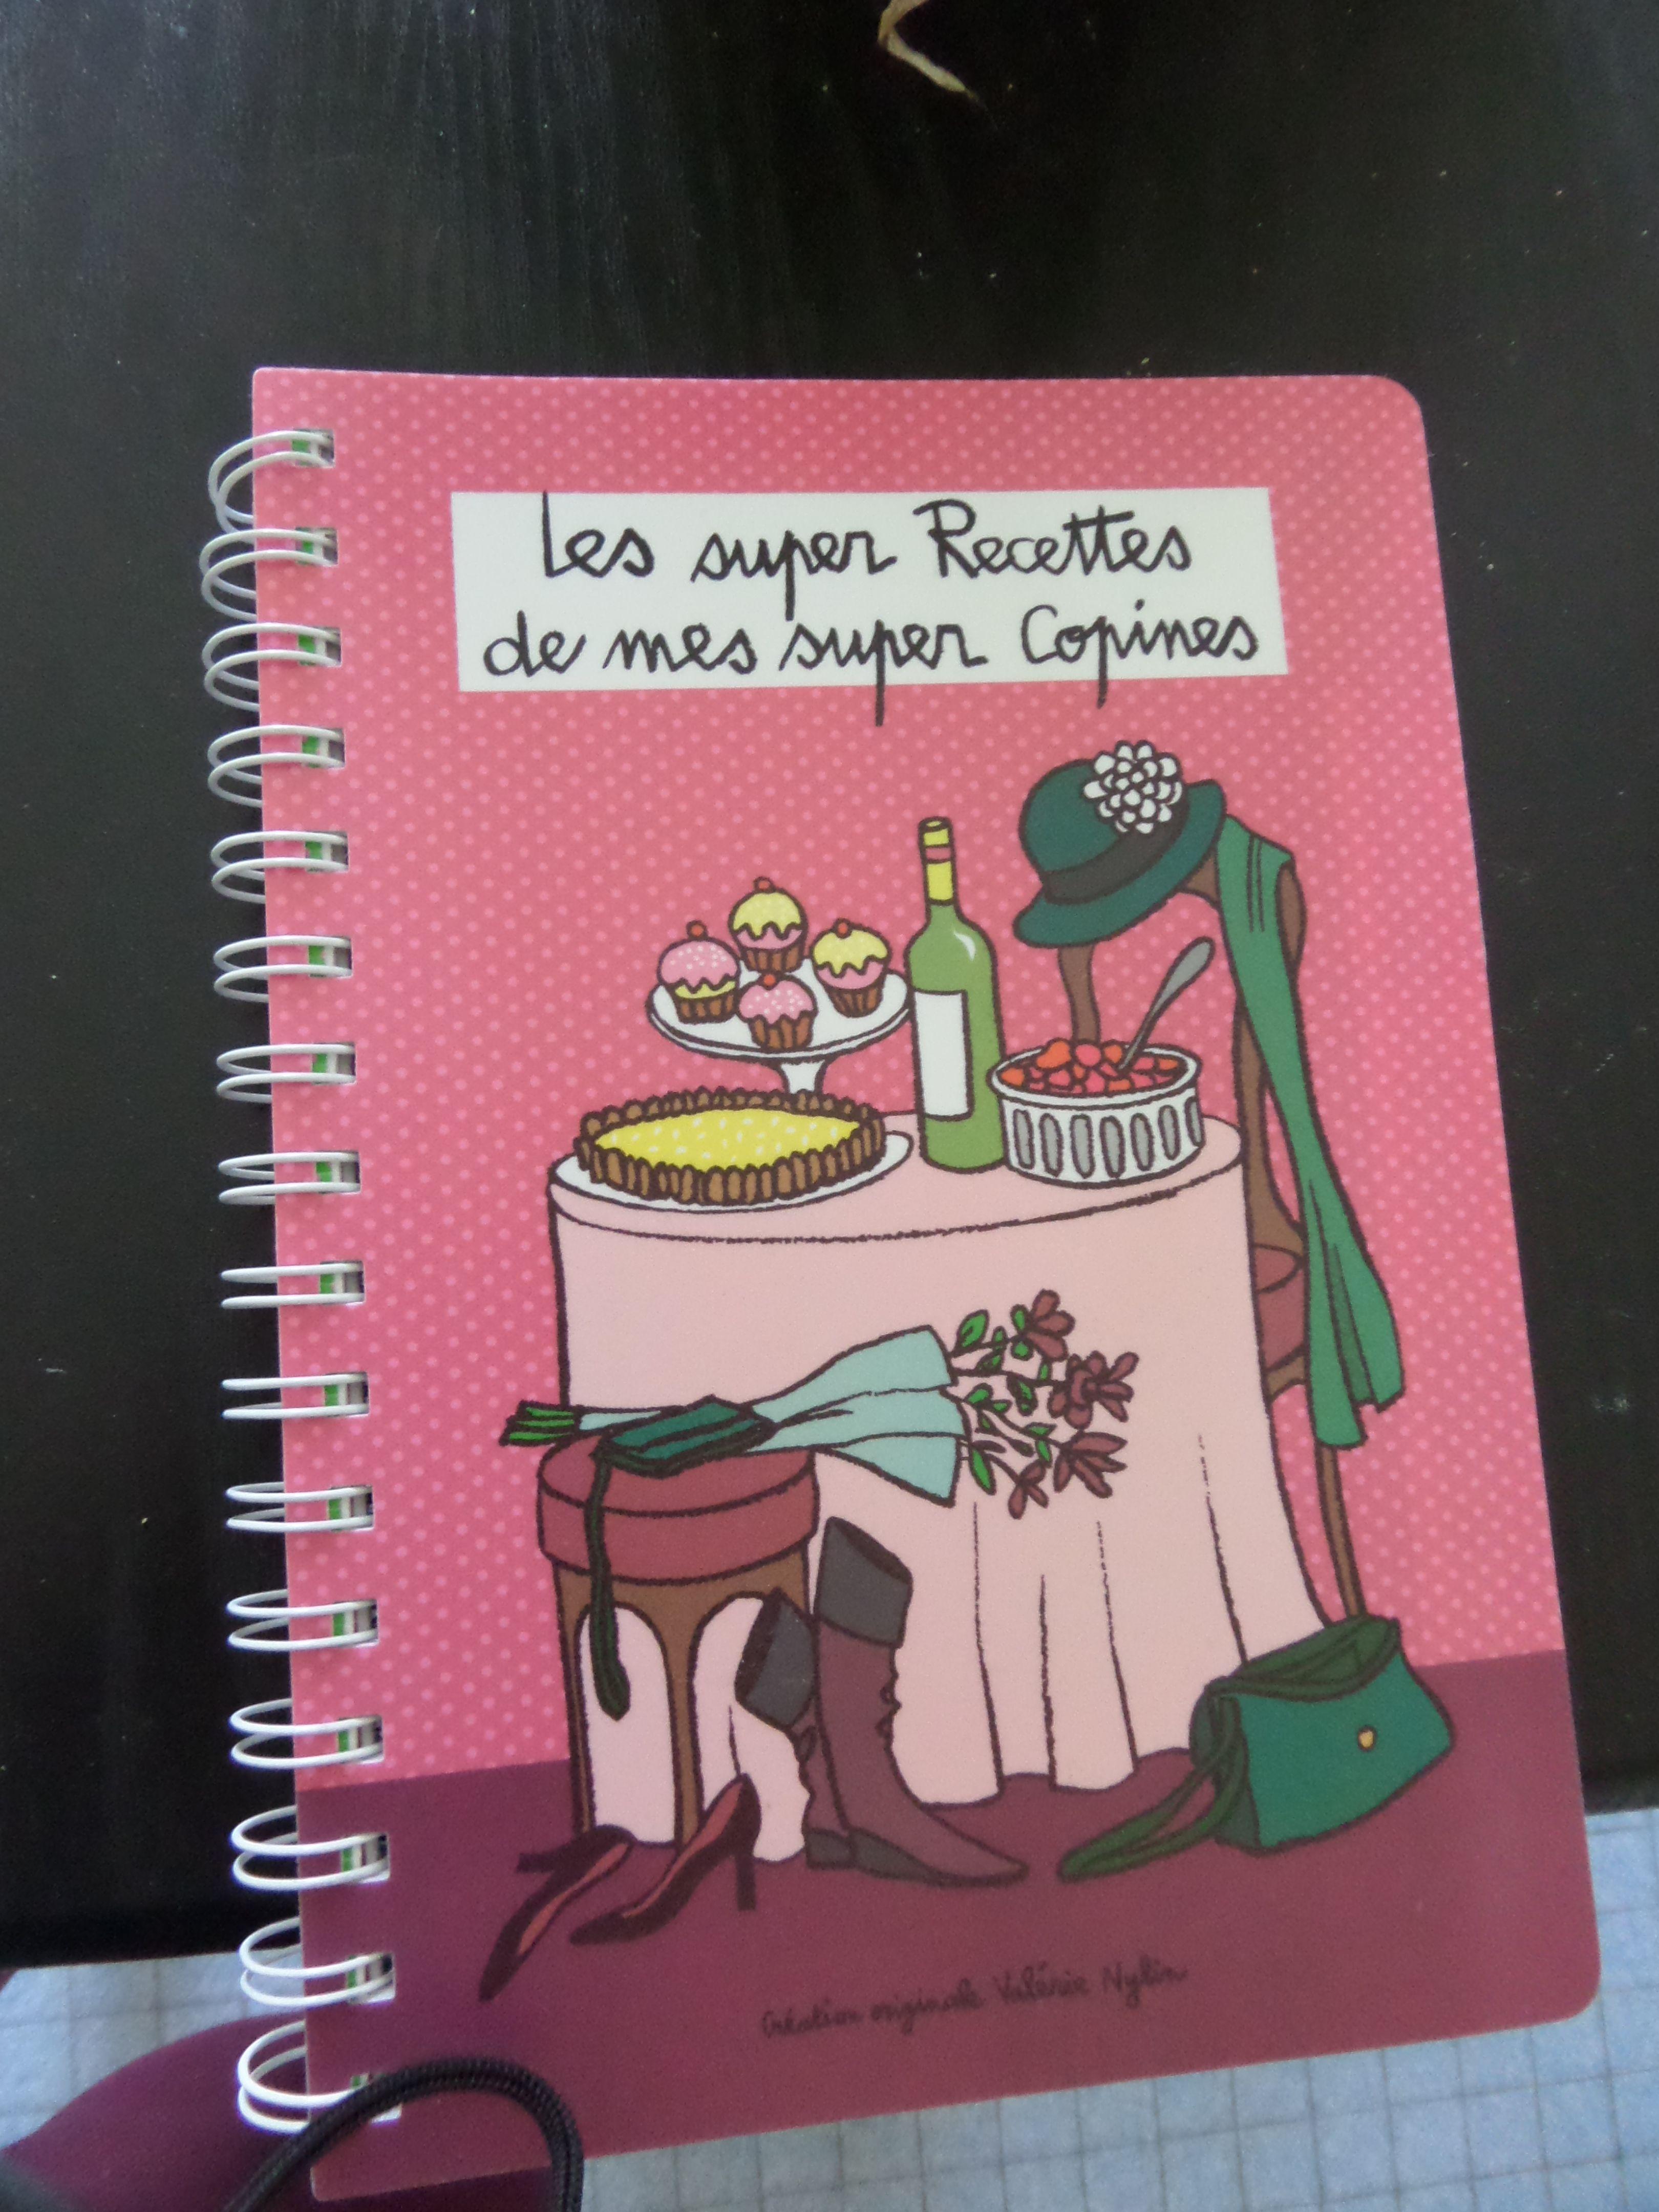 Cahier Les Super Recettes De Mes Super Copines Recette Copines Creations